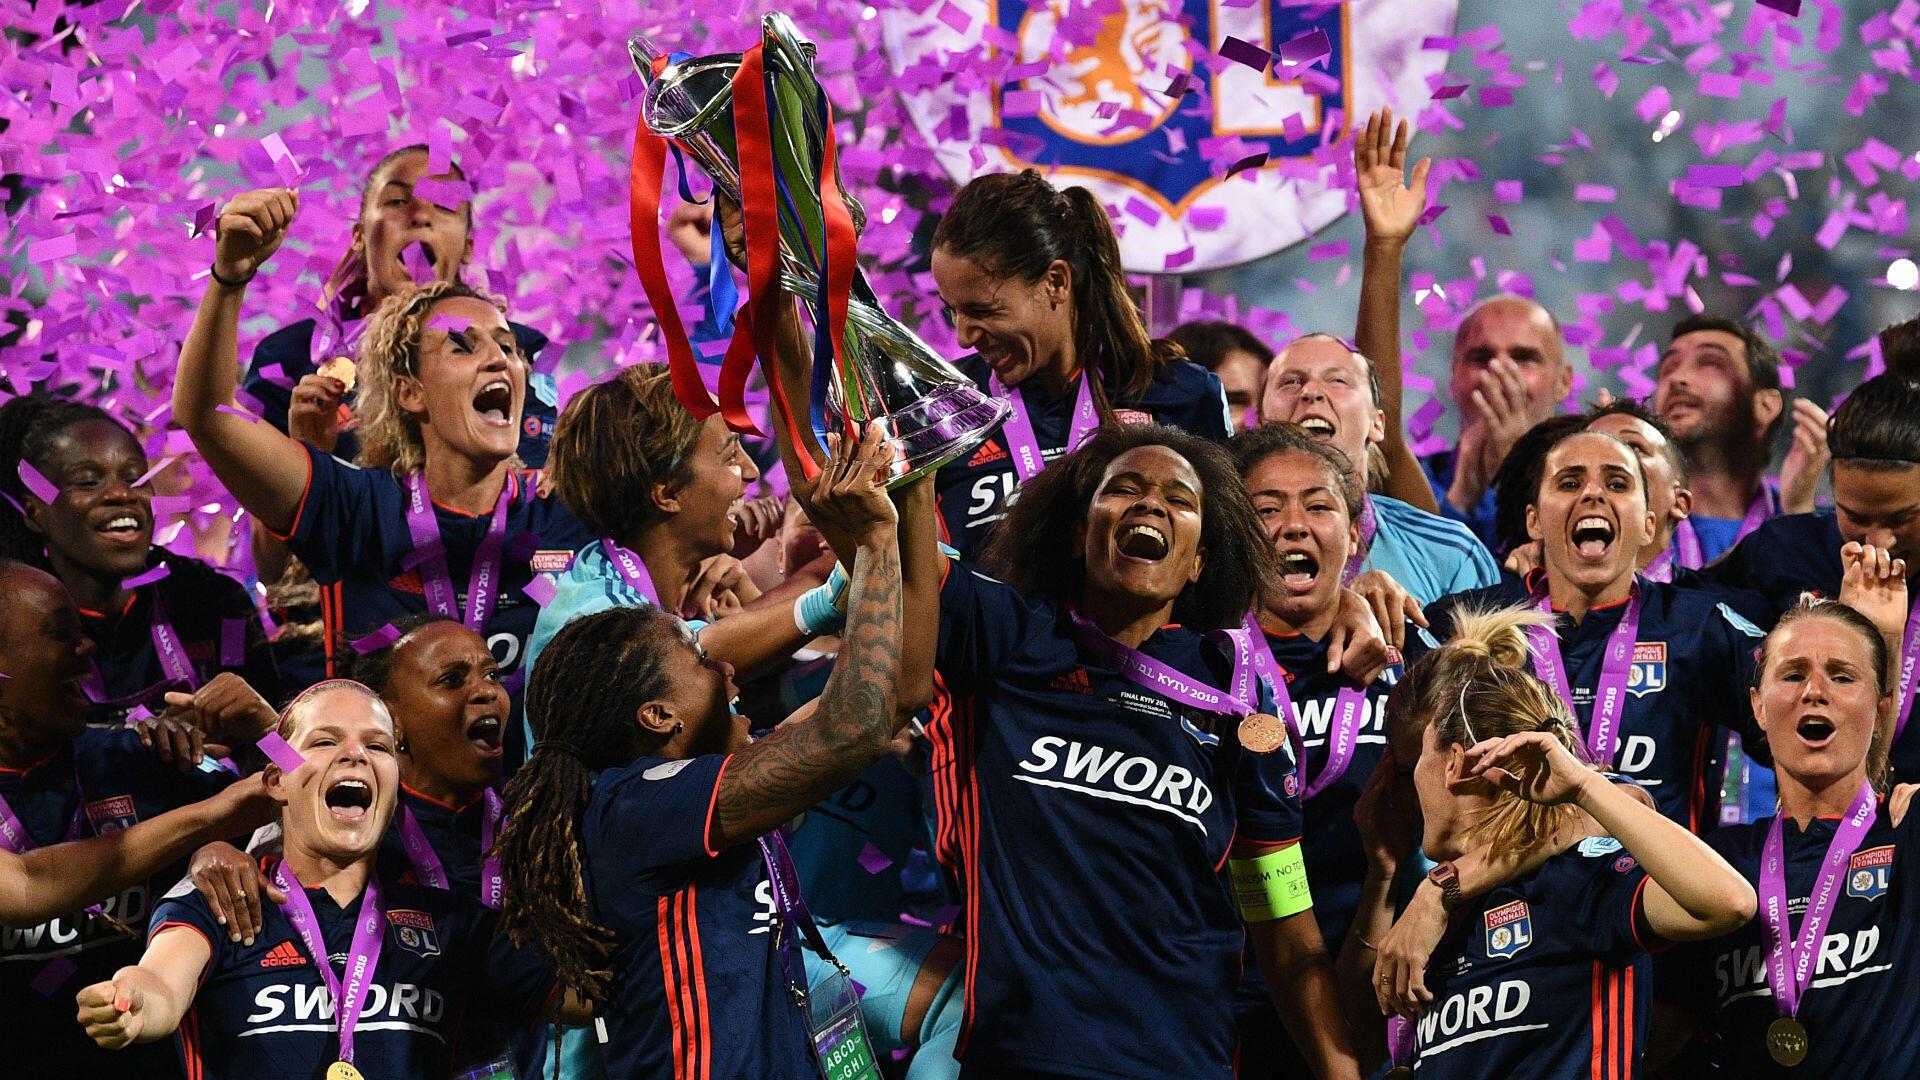 Après un printemps traditionnellement calme en matière de sport, la France retrouve le devant de la scène avec le magnifique succès de l'Olympique Lyonnais en finale de la Ligue des champions féminine de football. Un triplé historique pour l'OL, qui en appellera un autre, deux jours plus tard...